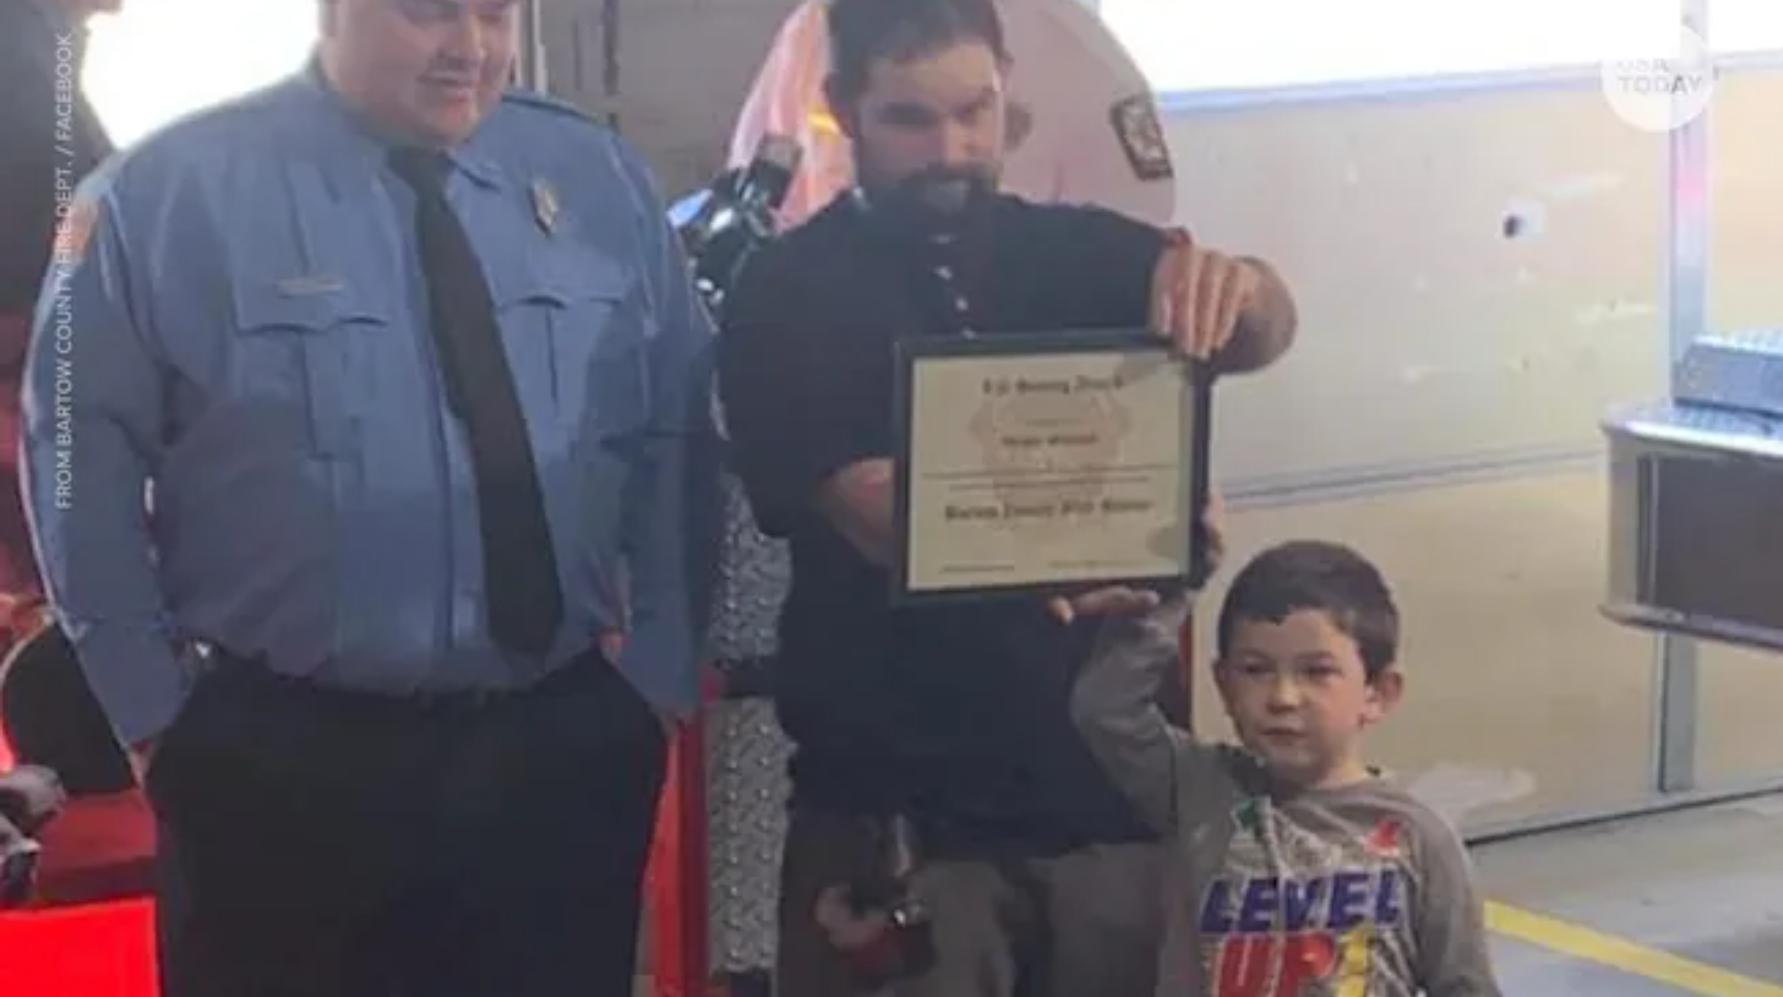 menino de 5 anos salva a irma de incendio em chamas e volta para salvar o cachorro - Menino de 5 anos salva a irmã de incêndio em chamas e volta para salvar o cachorro